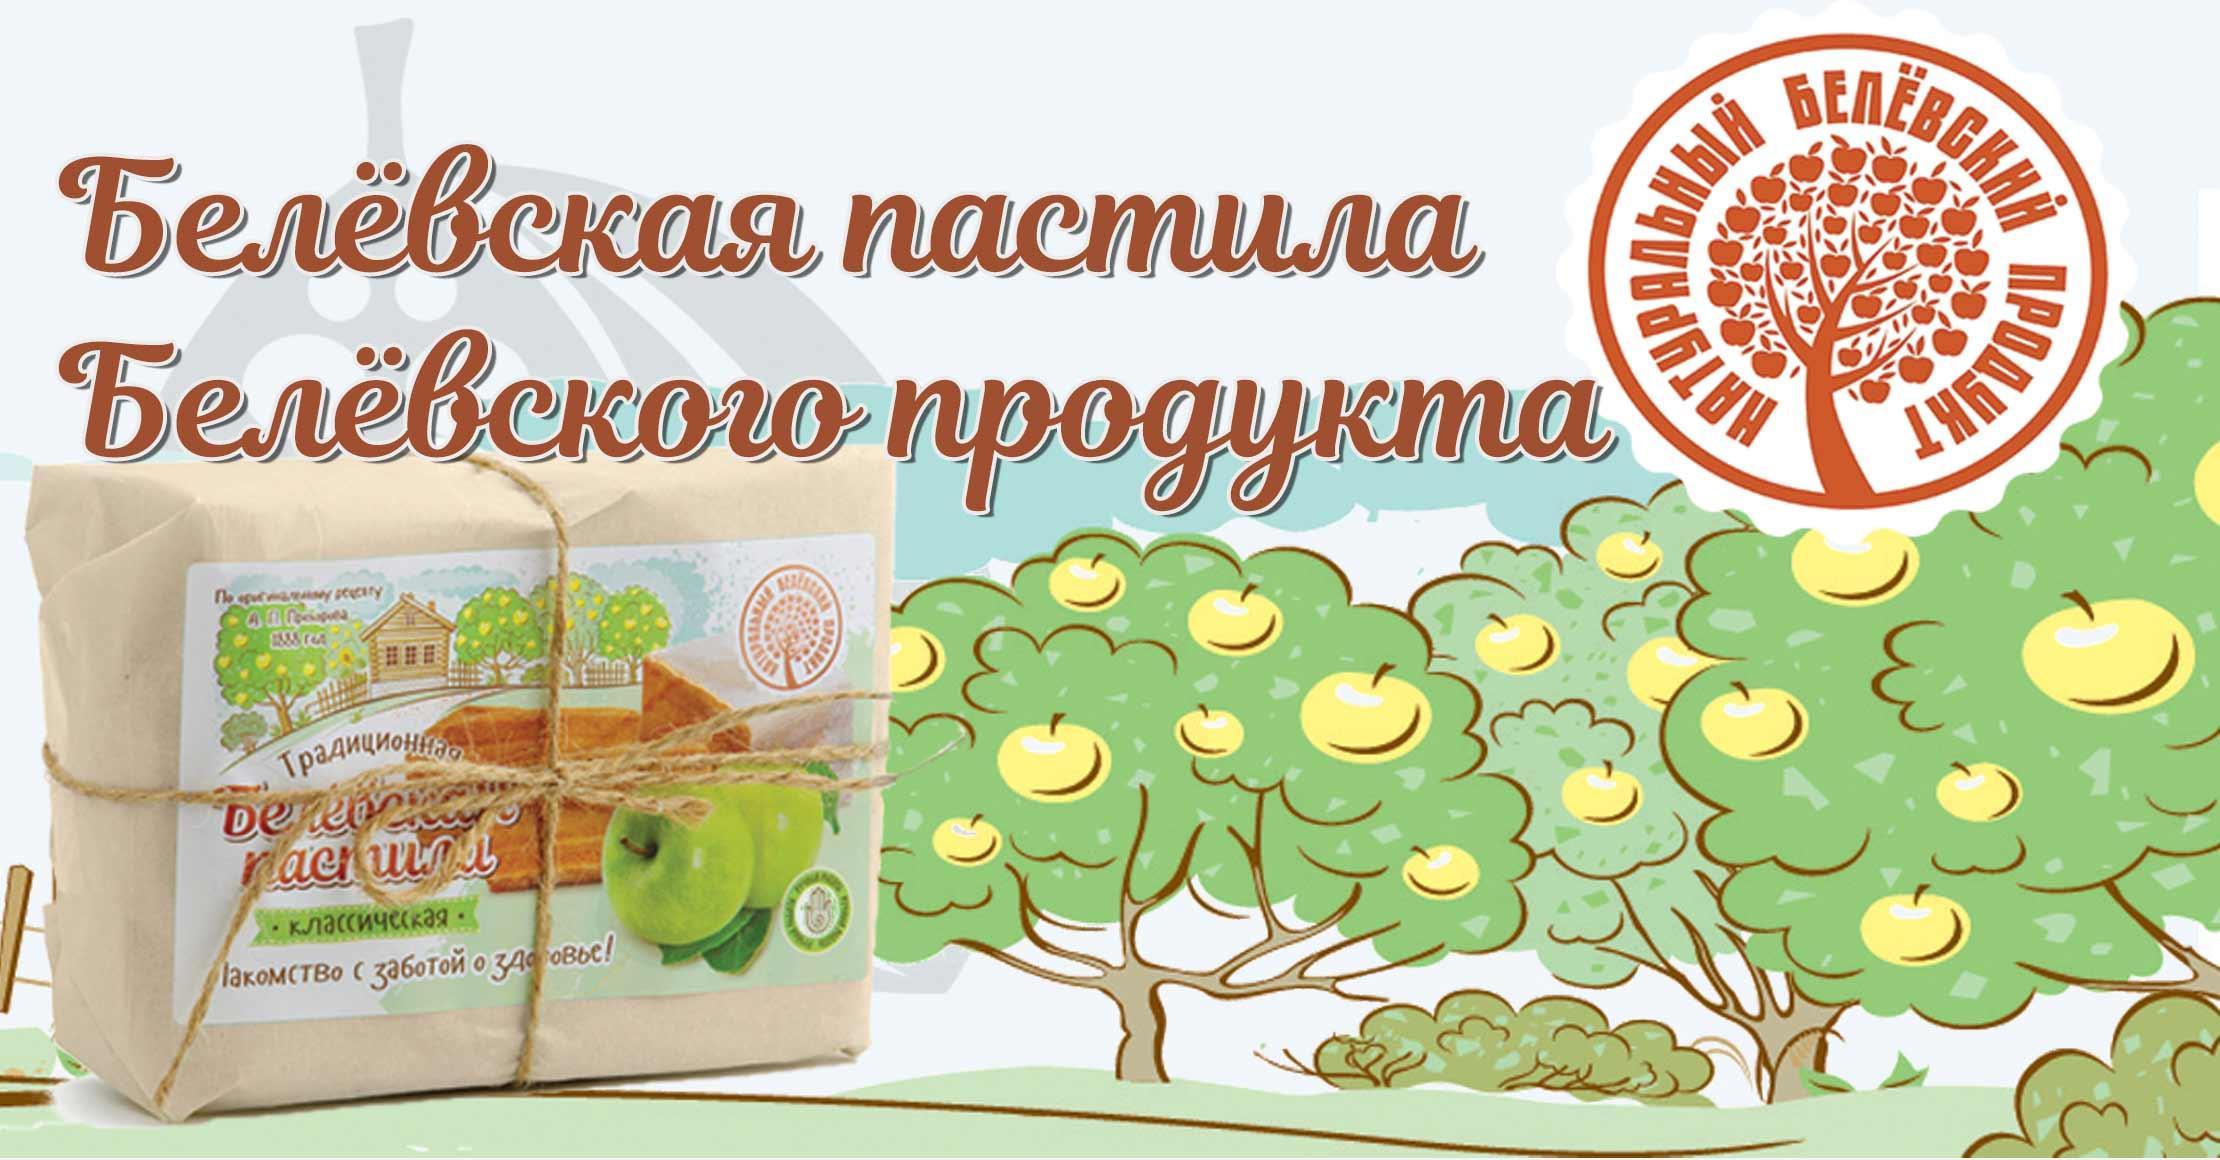 Белёвский продукт